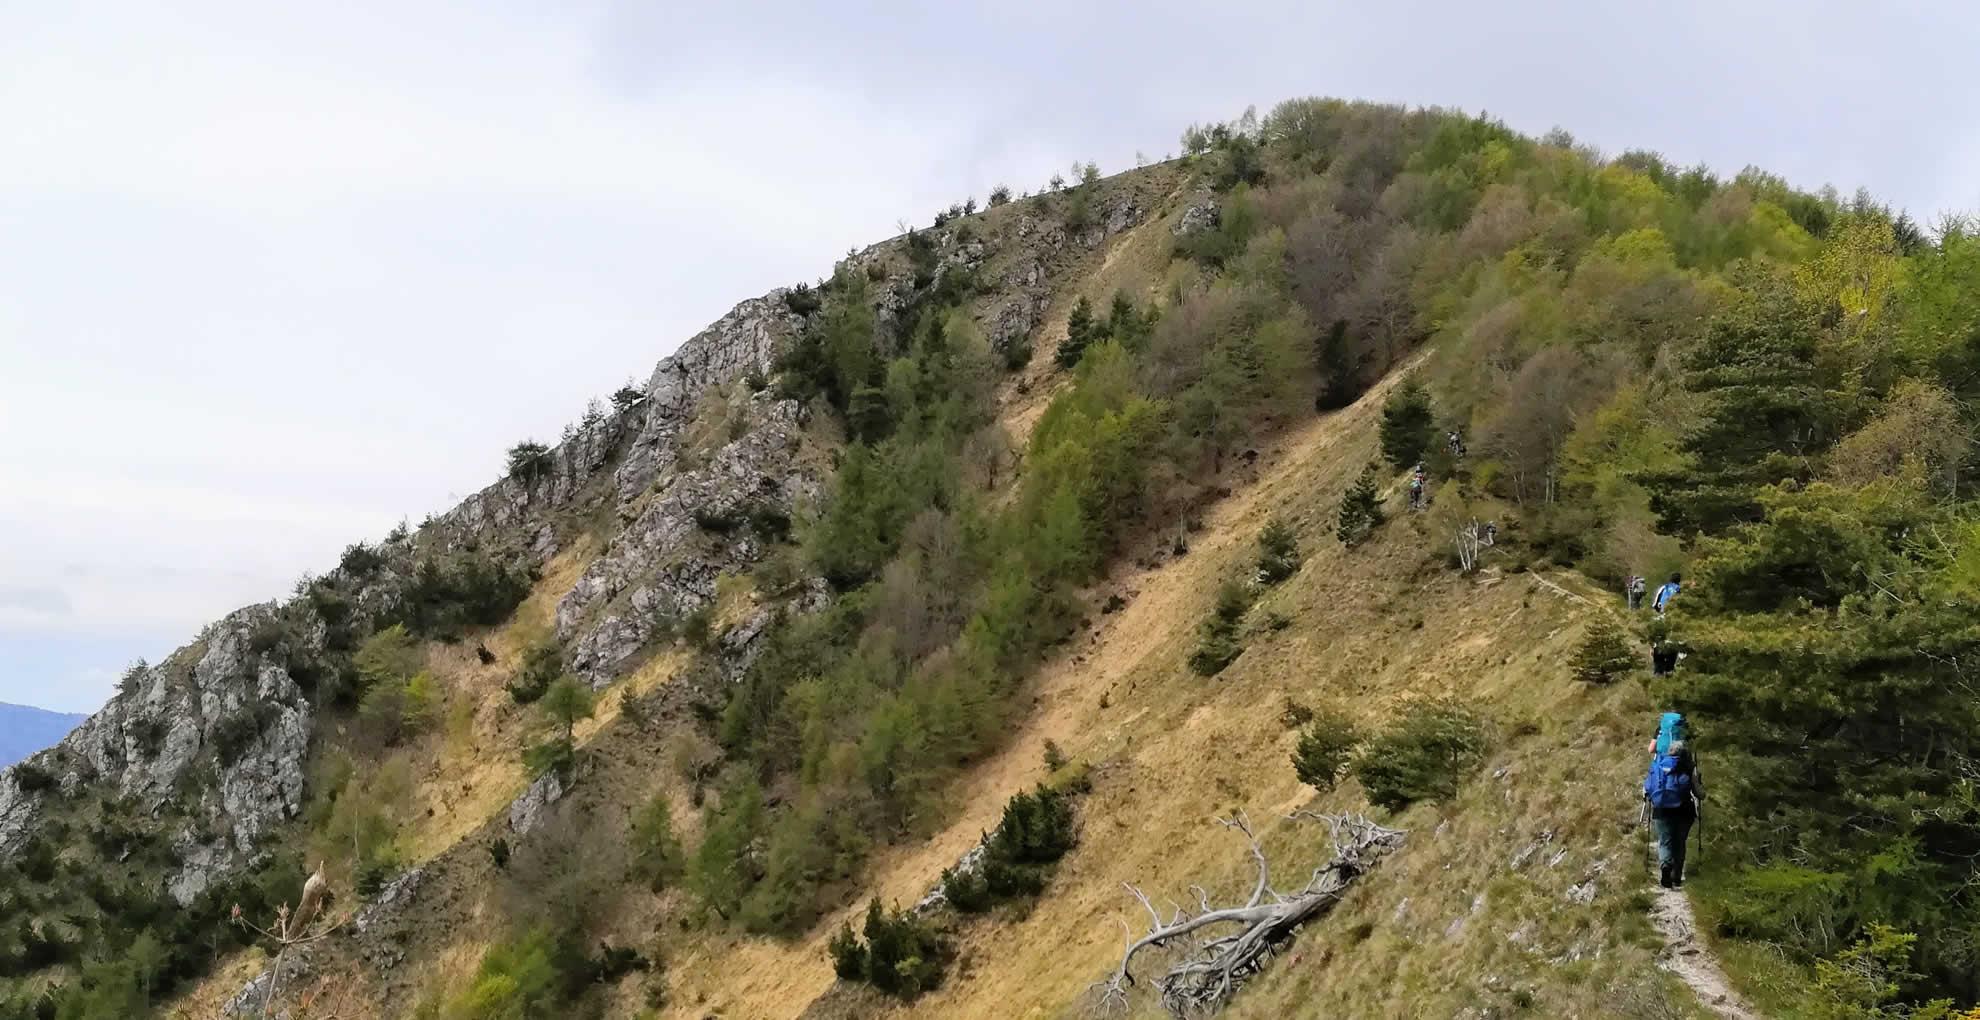 Qusi in vetta al Monte breda